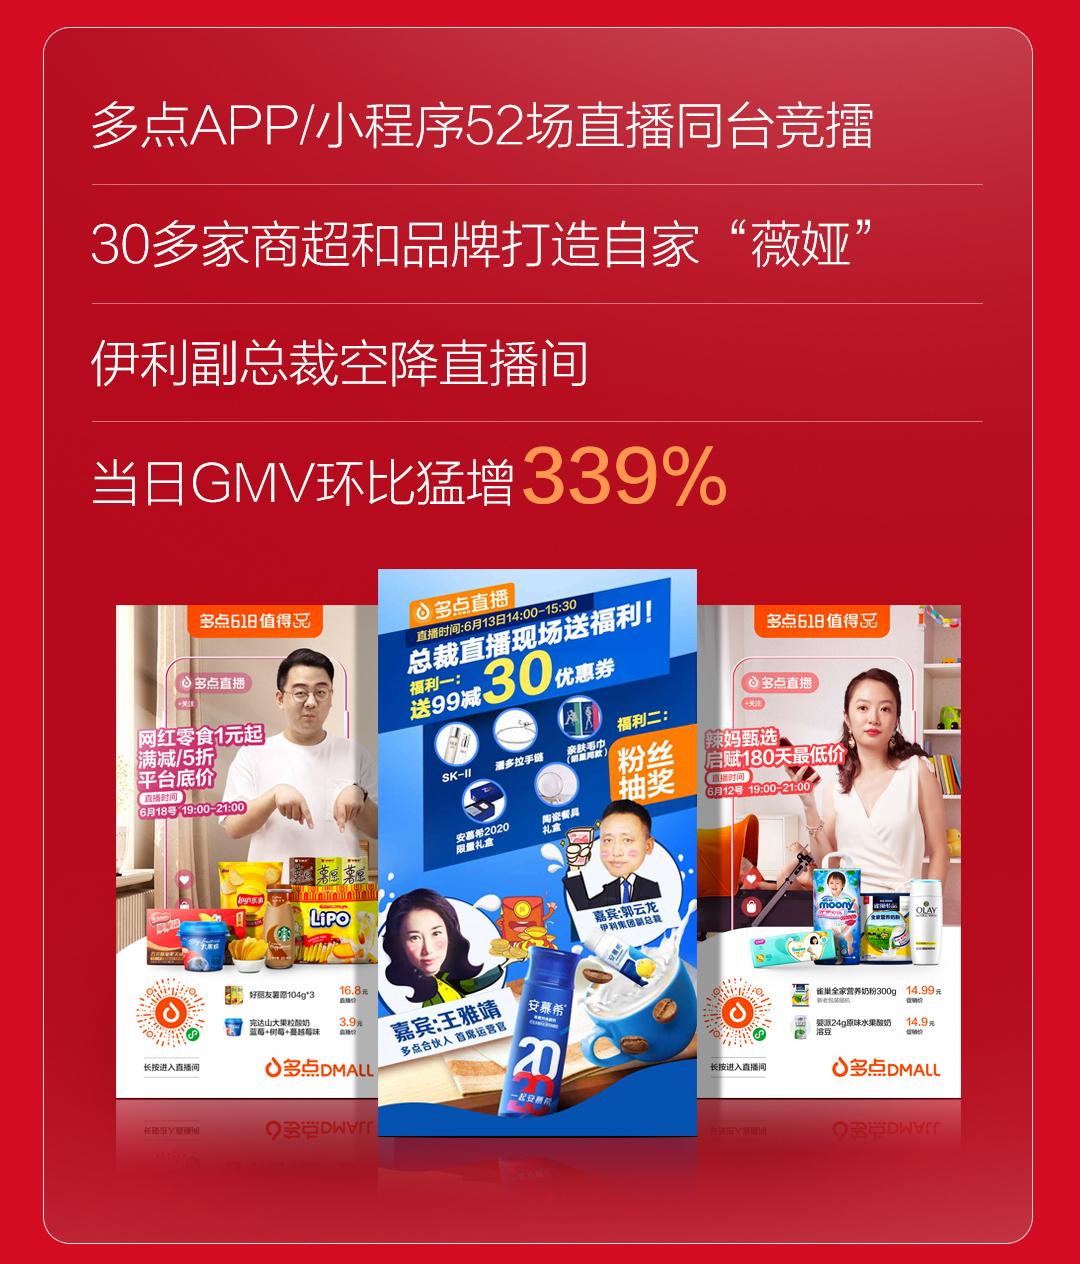 多点Dmall 618全渠道销售额达7.6亿,服务8500万用户